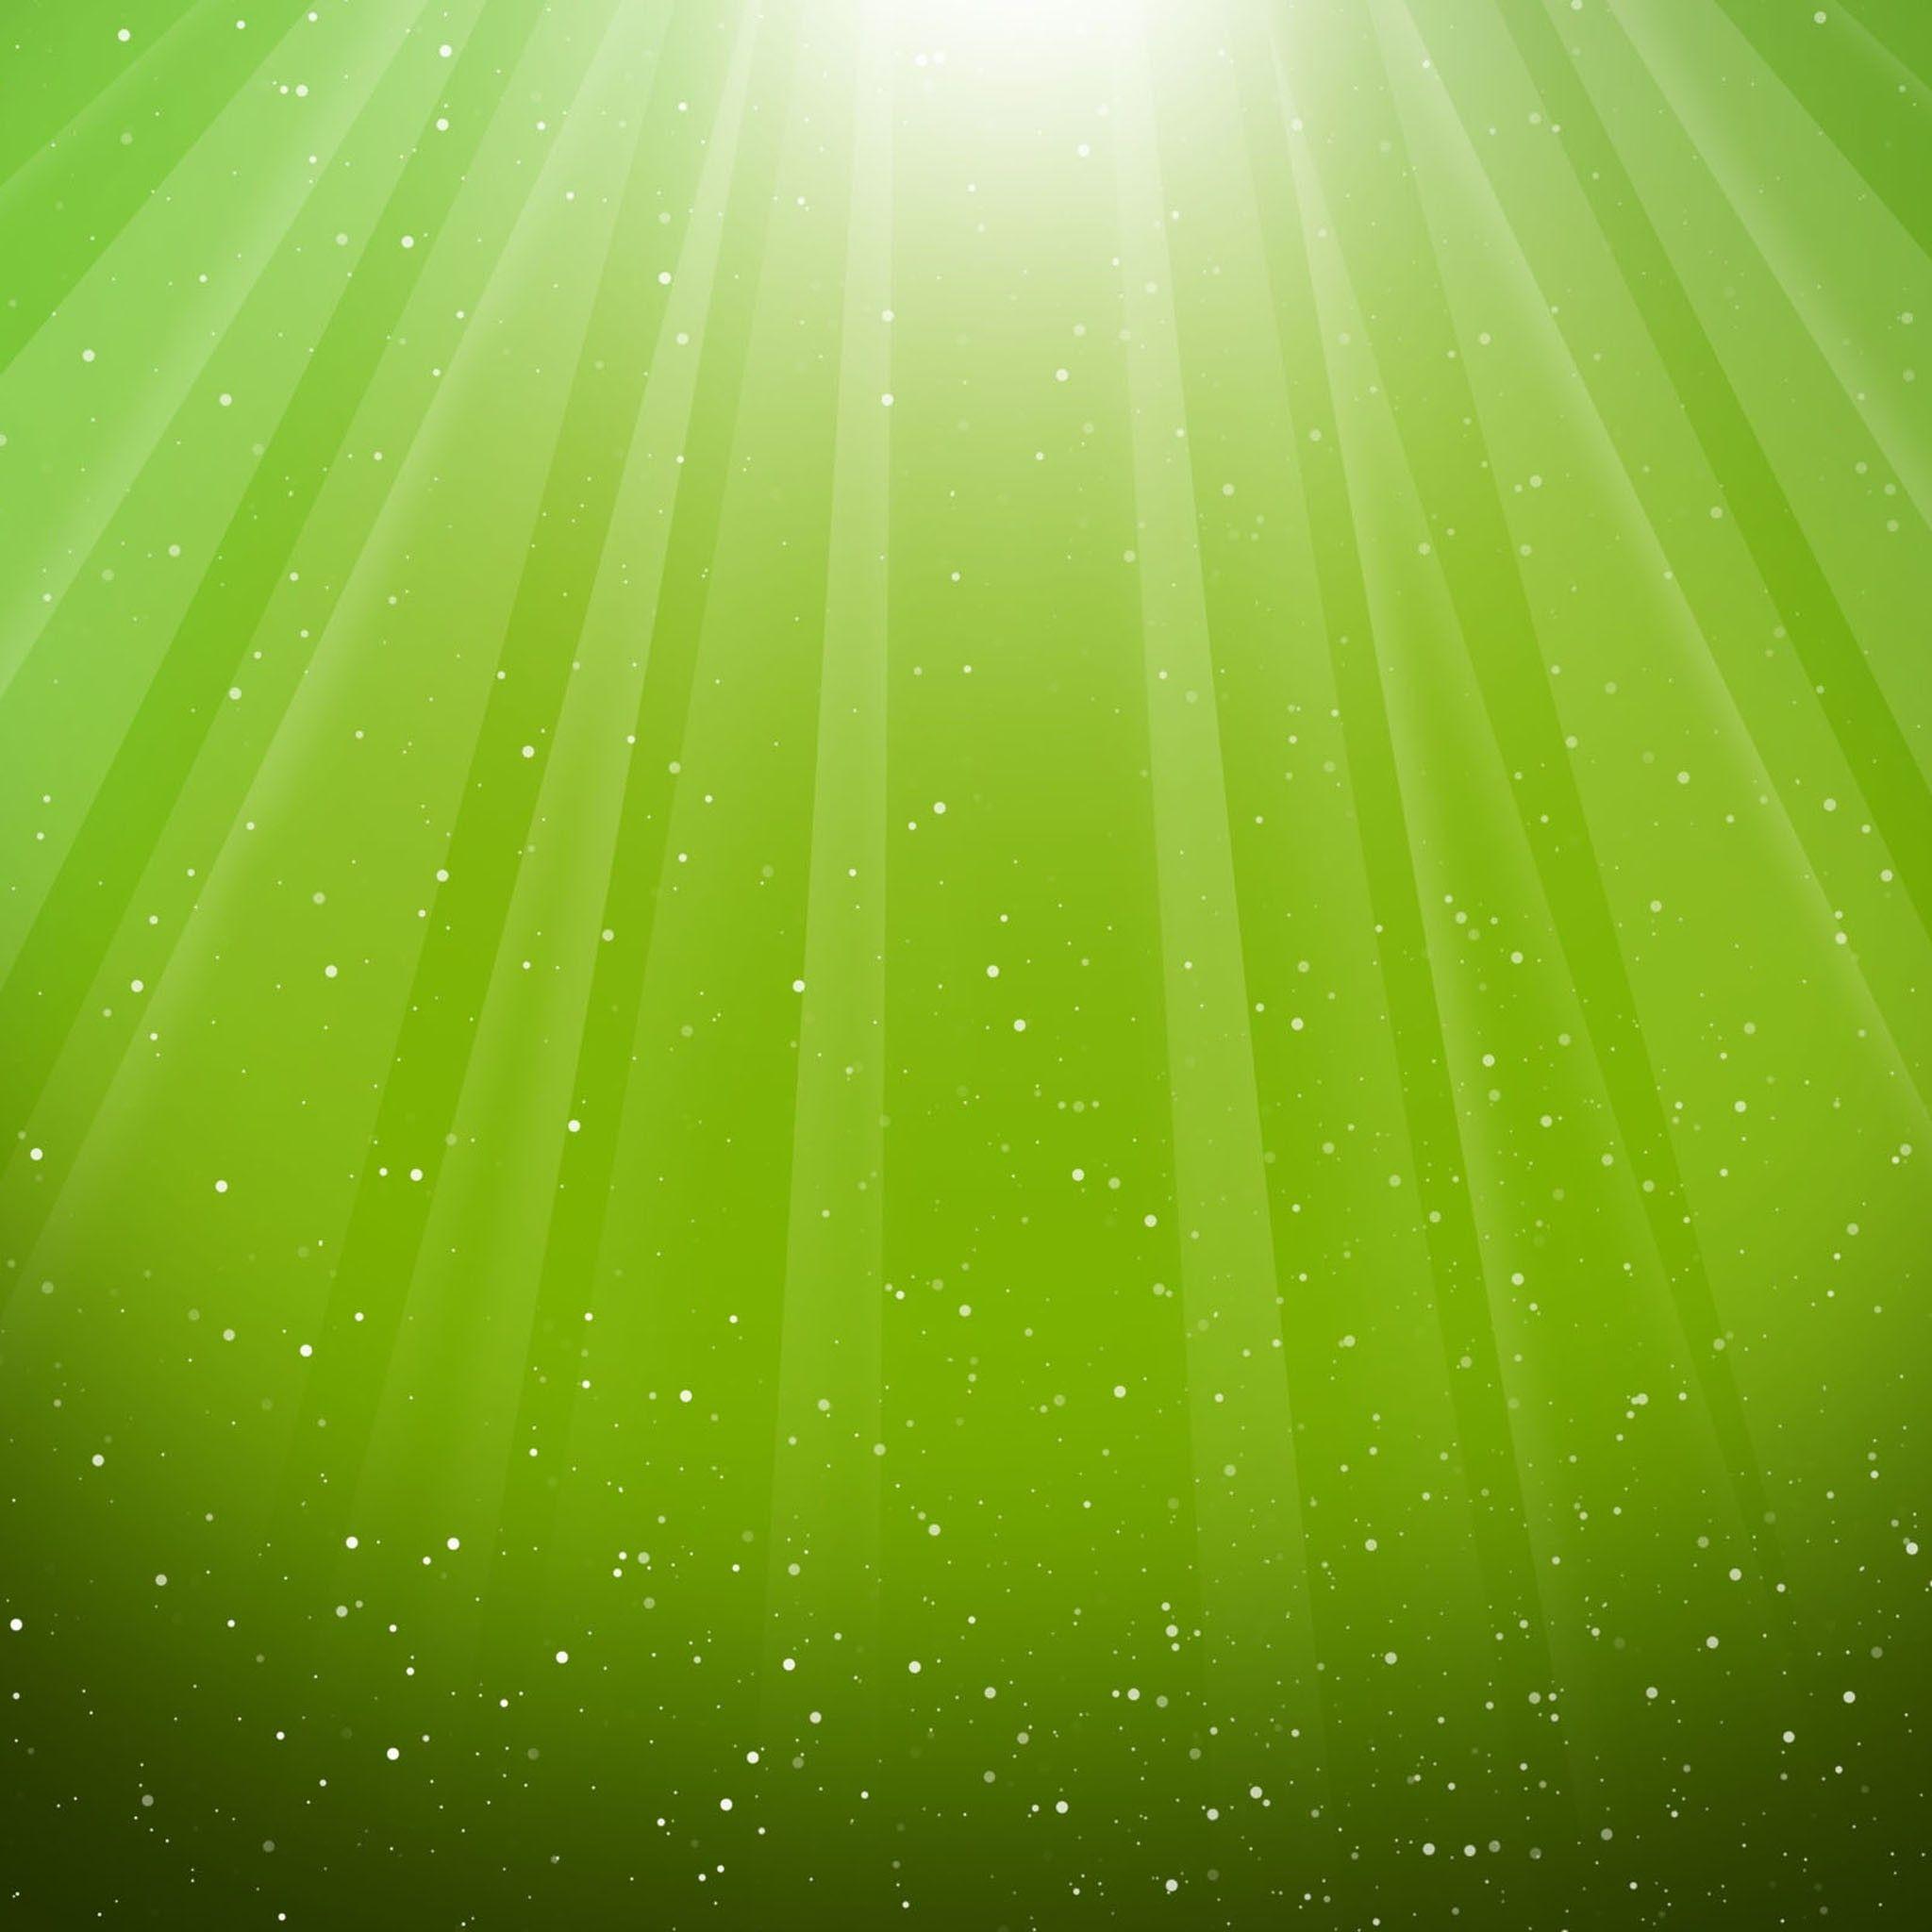 Green Desktop Wallpaper: Aurora Burst Lime Green 2048x2048